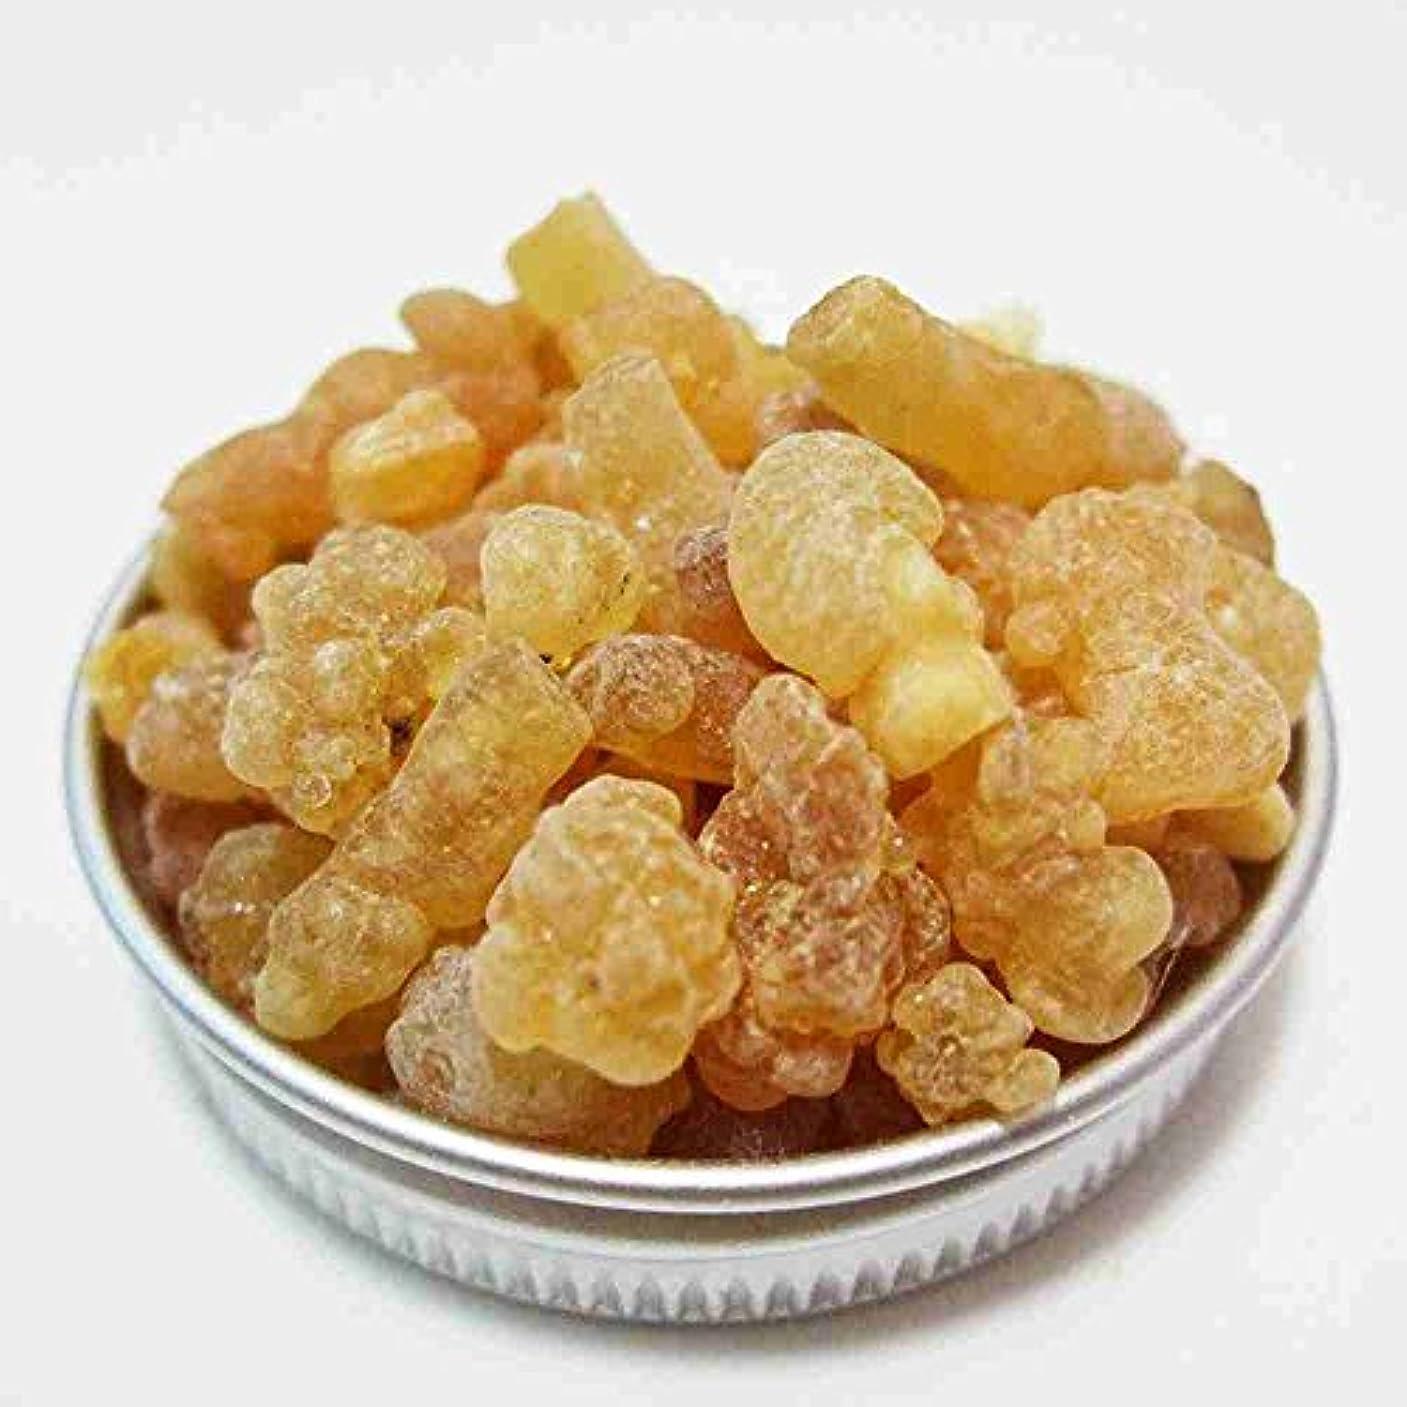 ヨーロッパ叙情的な厚いフランキンセンス Frsnkincense (乳香) 天然樹脂香 フランキンセンス(乳香), 1 Ounce (28 g)